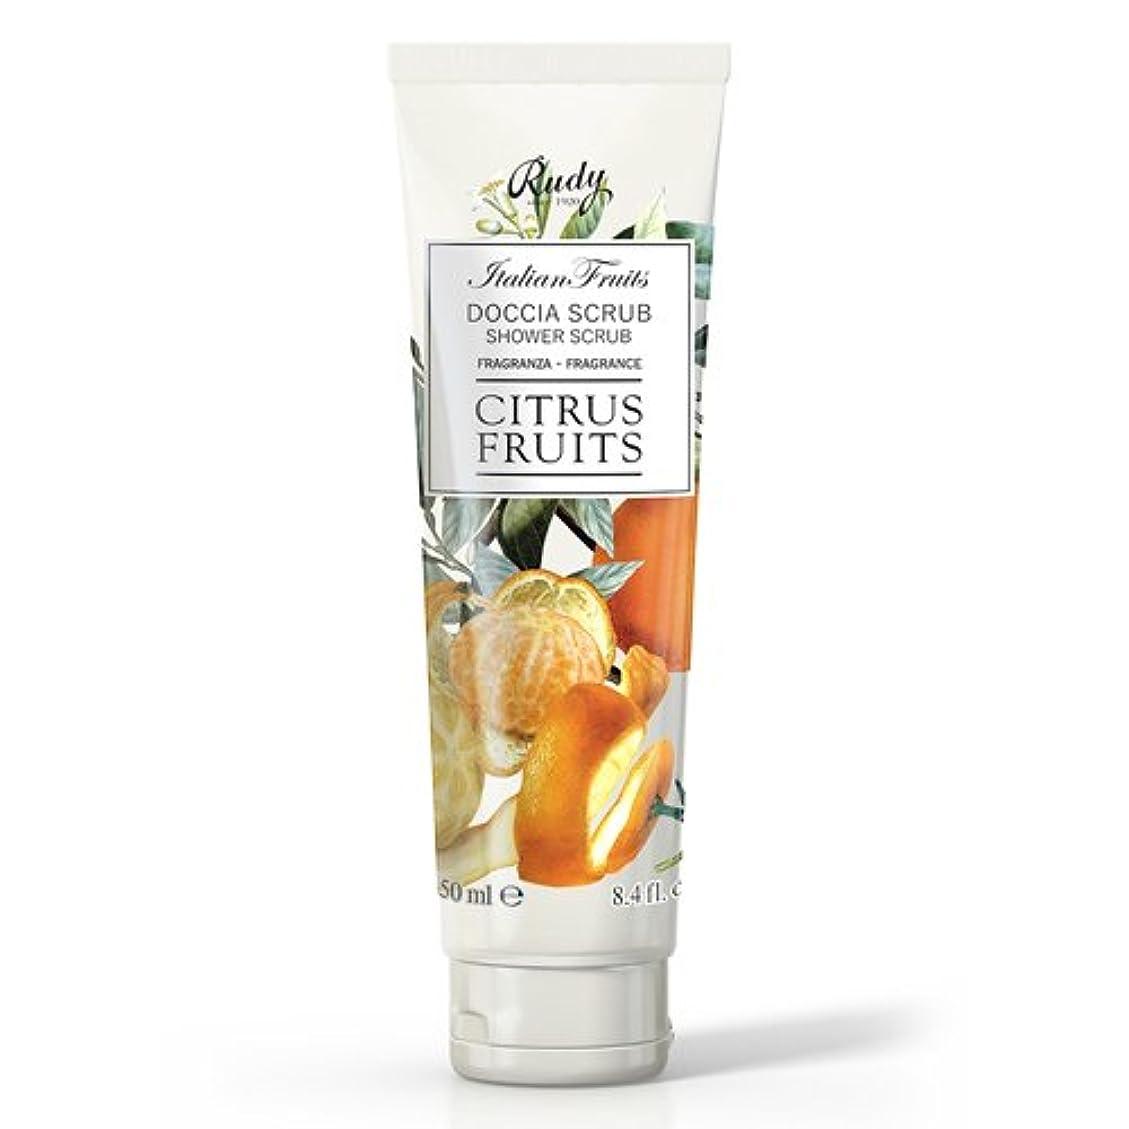 として遺体安置所ロビーRUDY Italian Fruits Series ルディ イタリアンフルーツ Shower Scrub シャワースクラブ Citrus Fruits